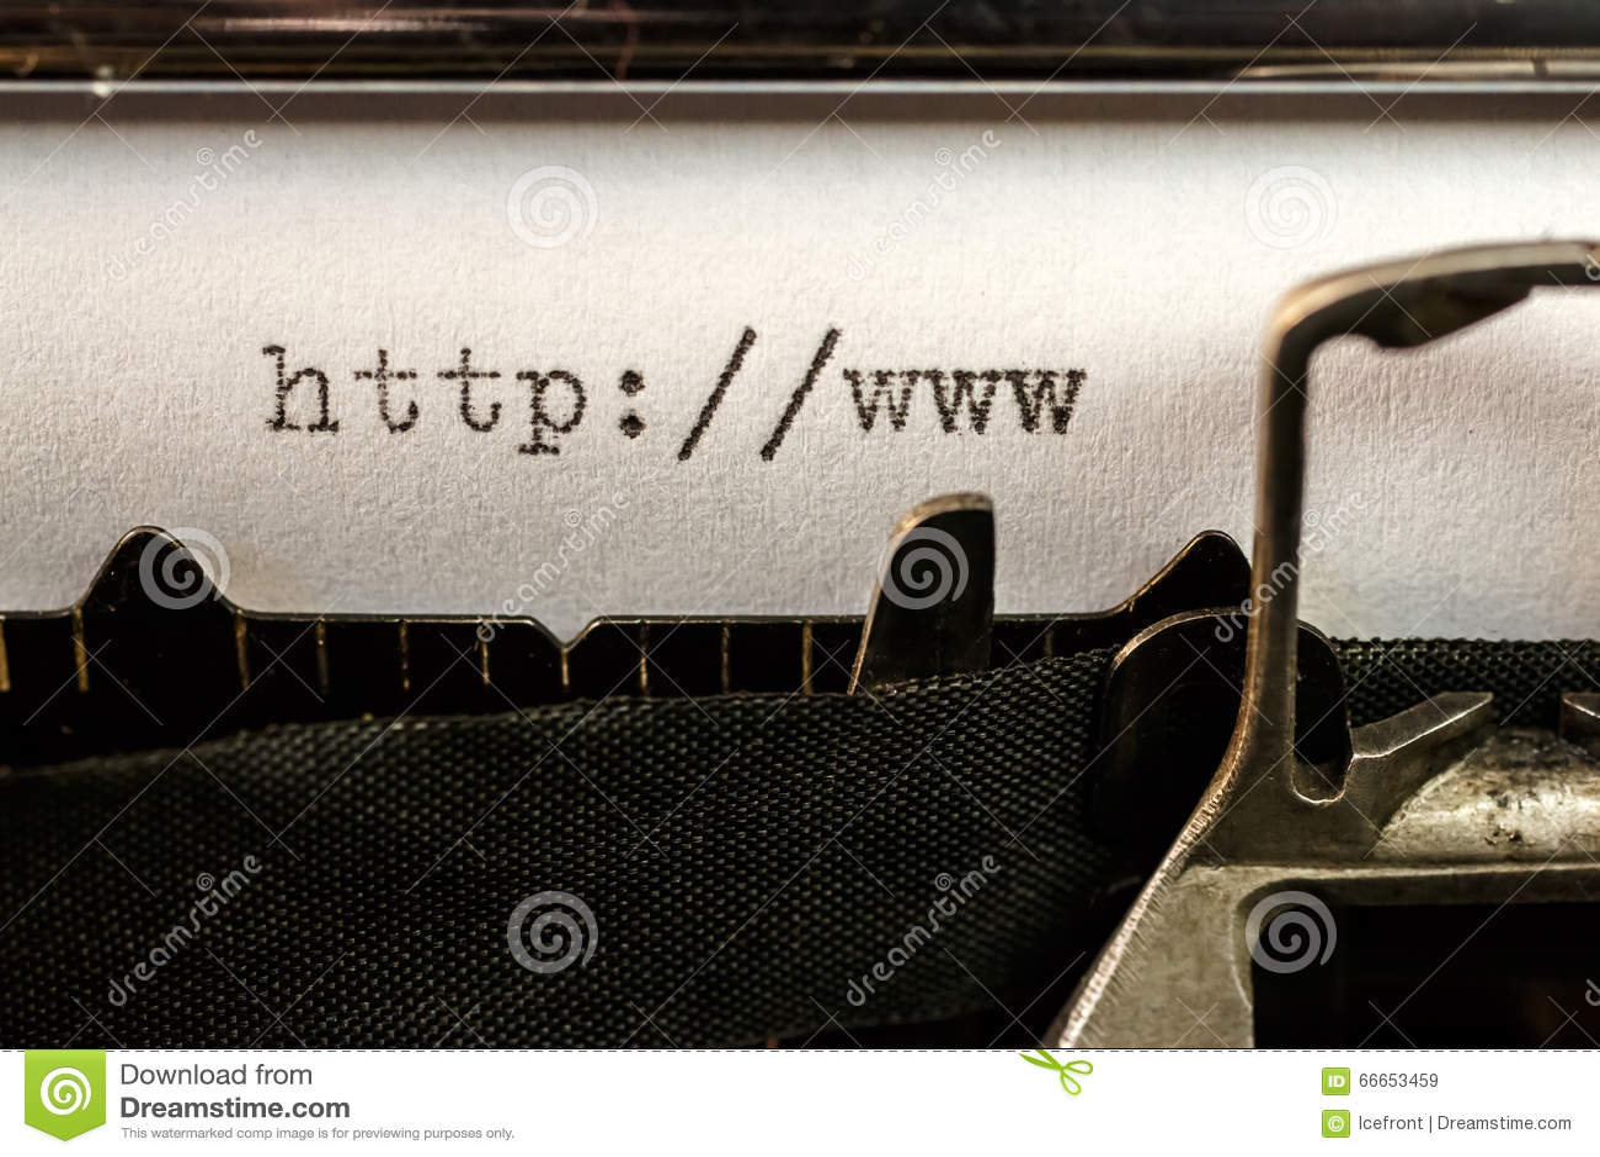 Url text beginning written by old typewriter